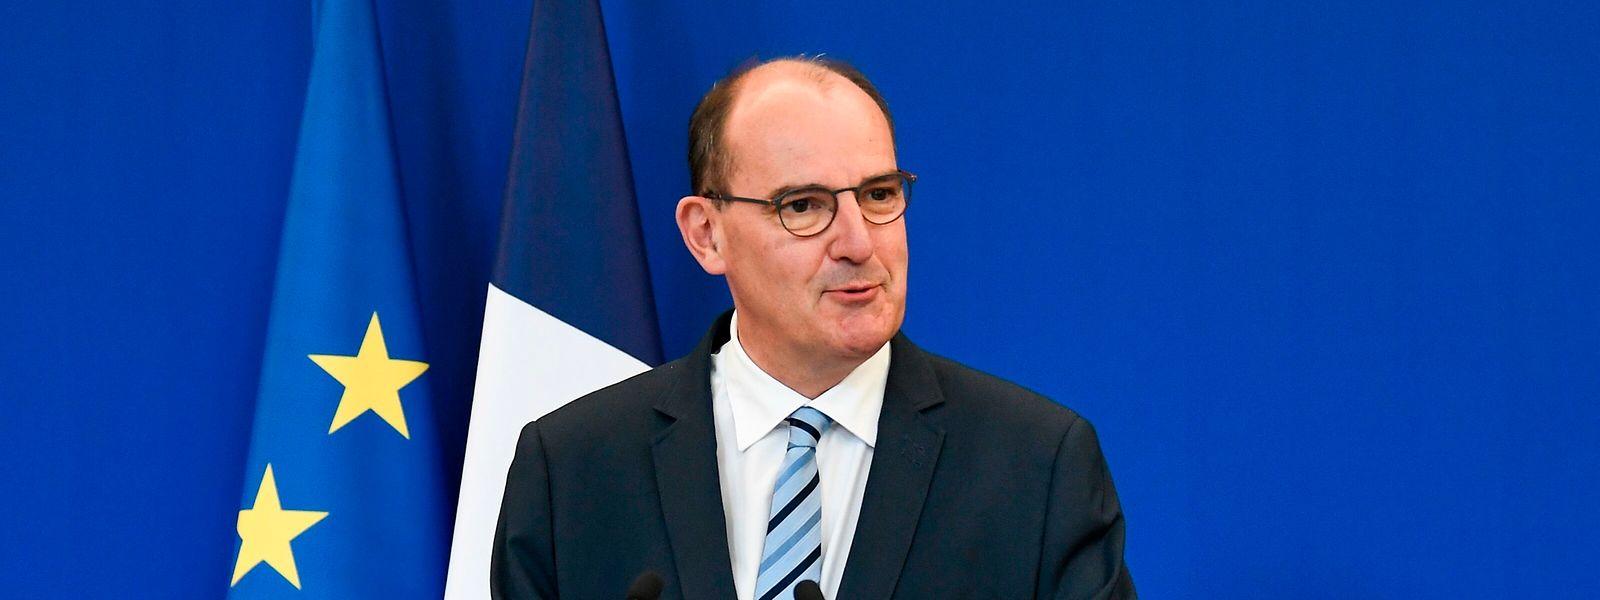 Le Premier ministre français Jean Castex espère que cette opération permettra la création de 160.000 emplois en 2021.